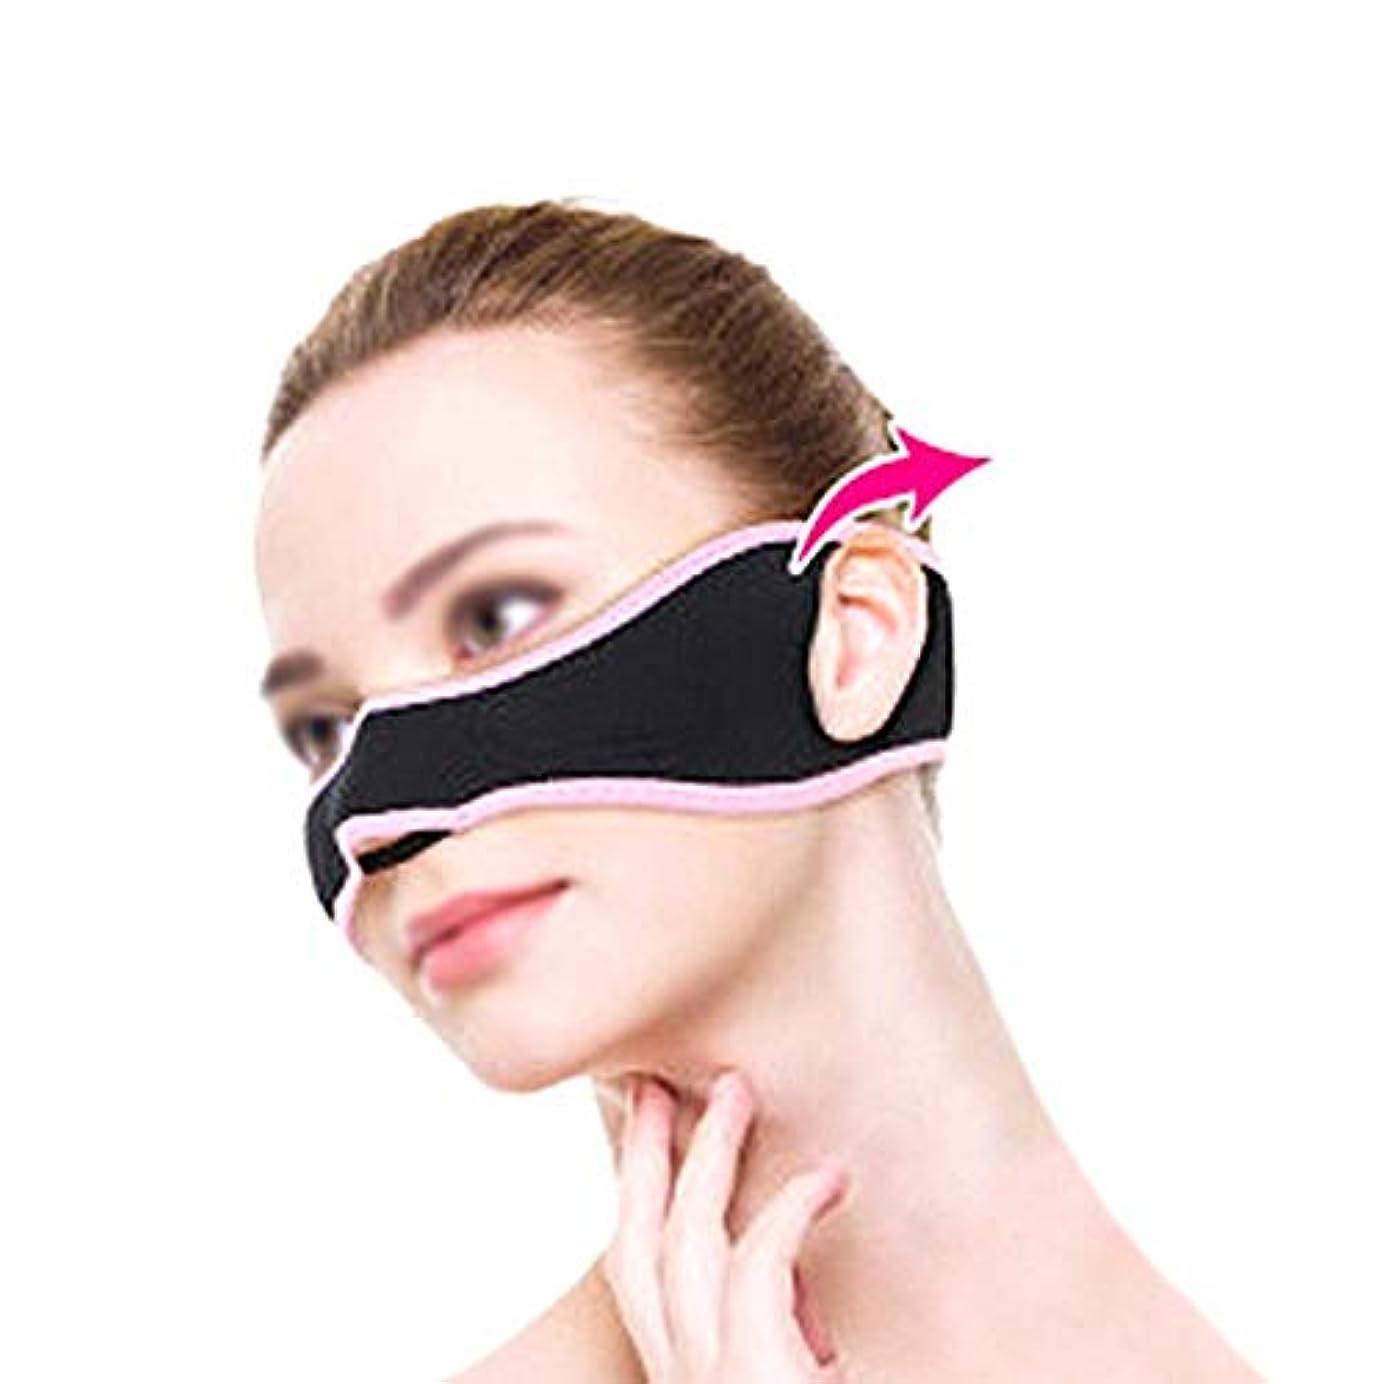 痴漢キルト健康フェイスリフティングマスク、チークリフトアップマスク、薄くて薄い顔、顔の筋肉を引き締めて持ち上げ、持ち運びが簡単で、男性と女性の両方が使用できます